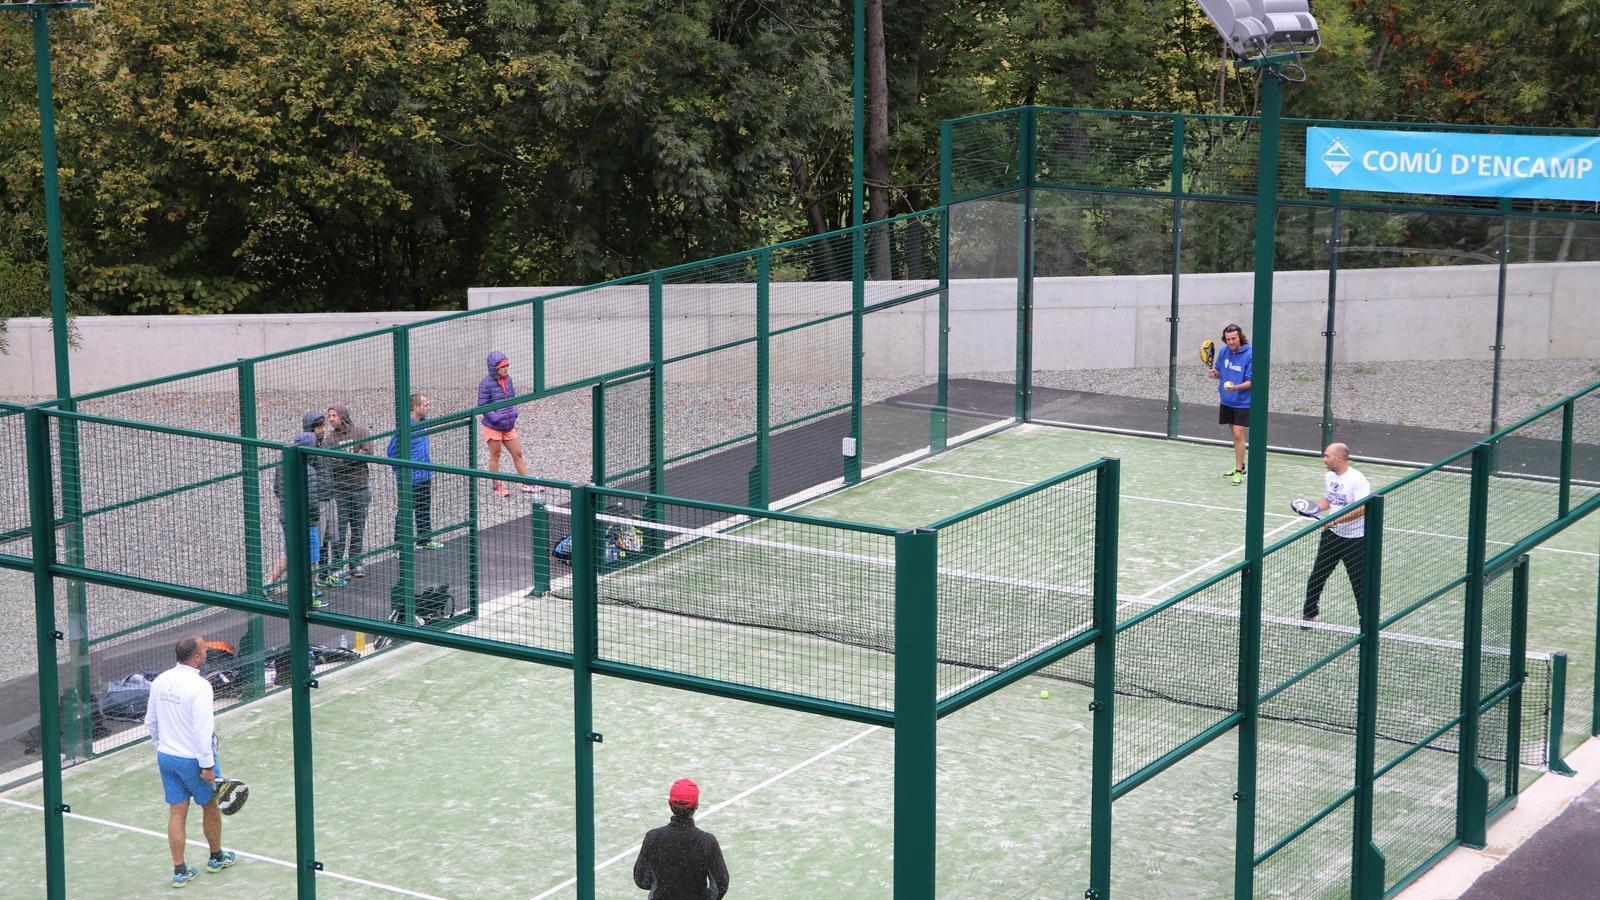 El torneig tindrà lloc el 29 de setembre. / COMÚ D'ENCAMP